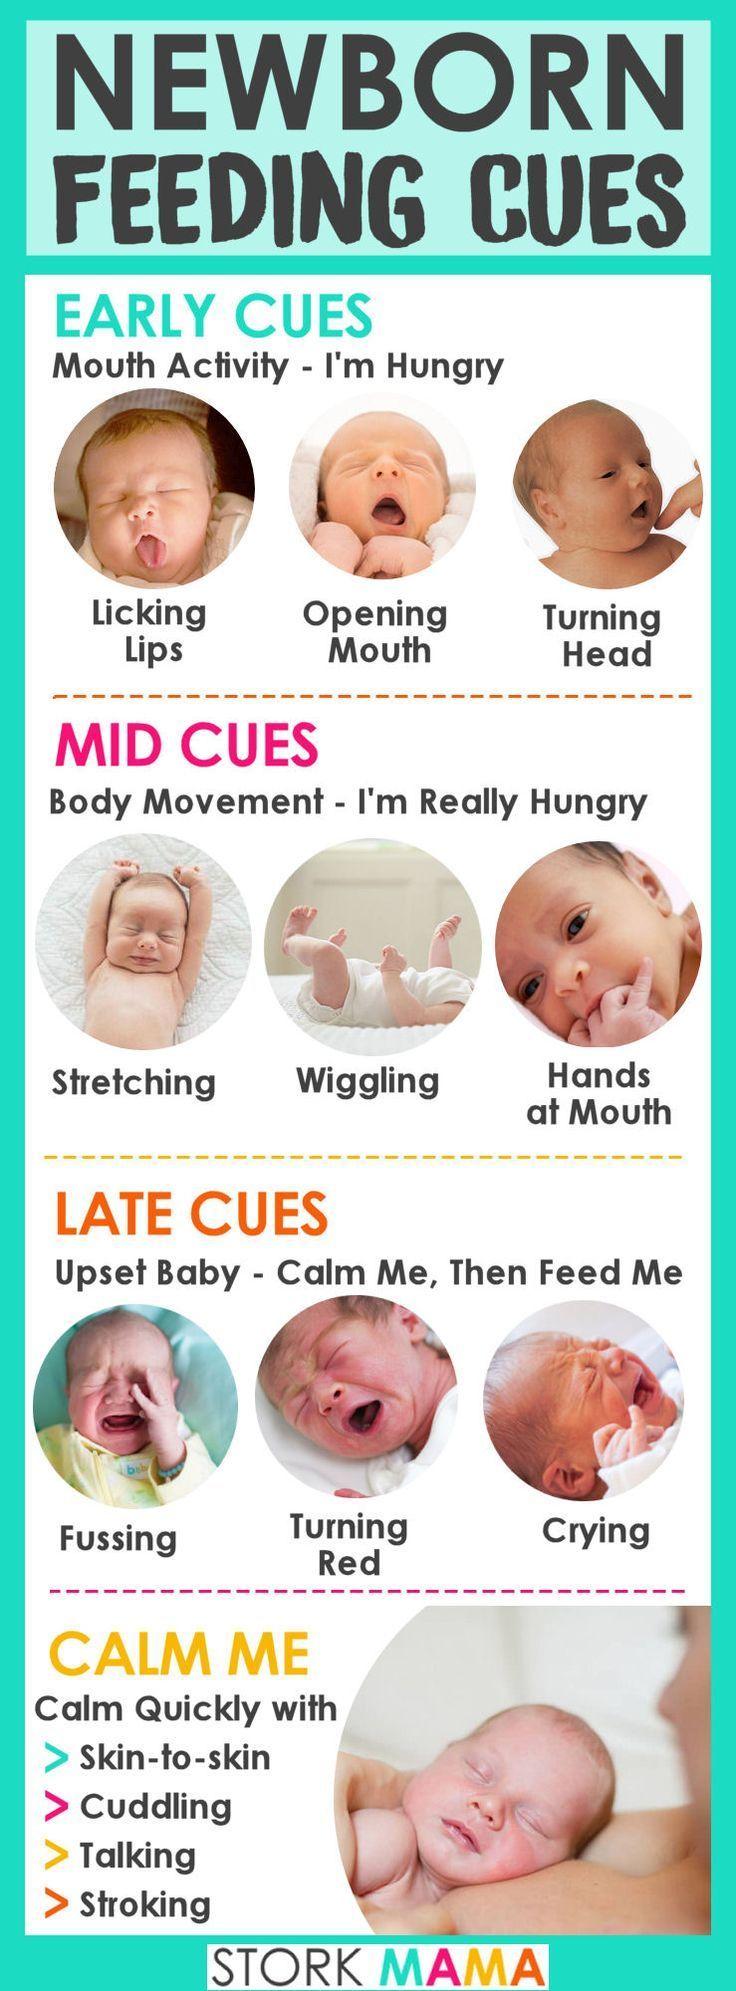 Stillen nach Bedarf   – Baby Feeding